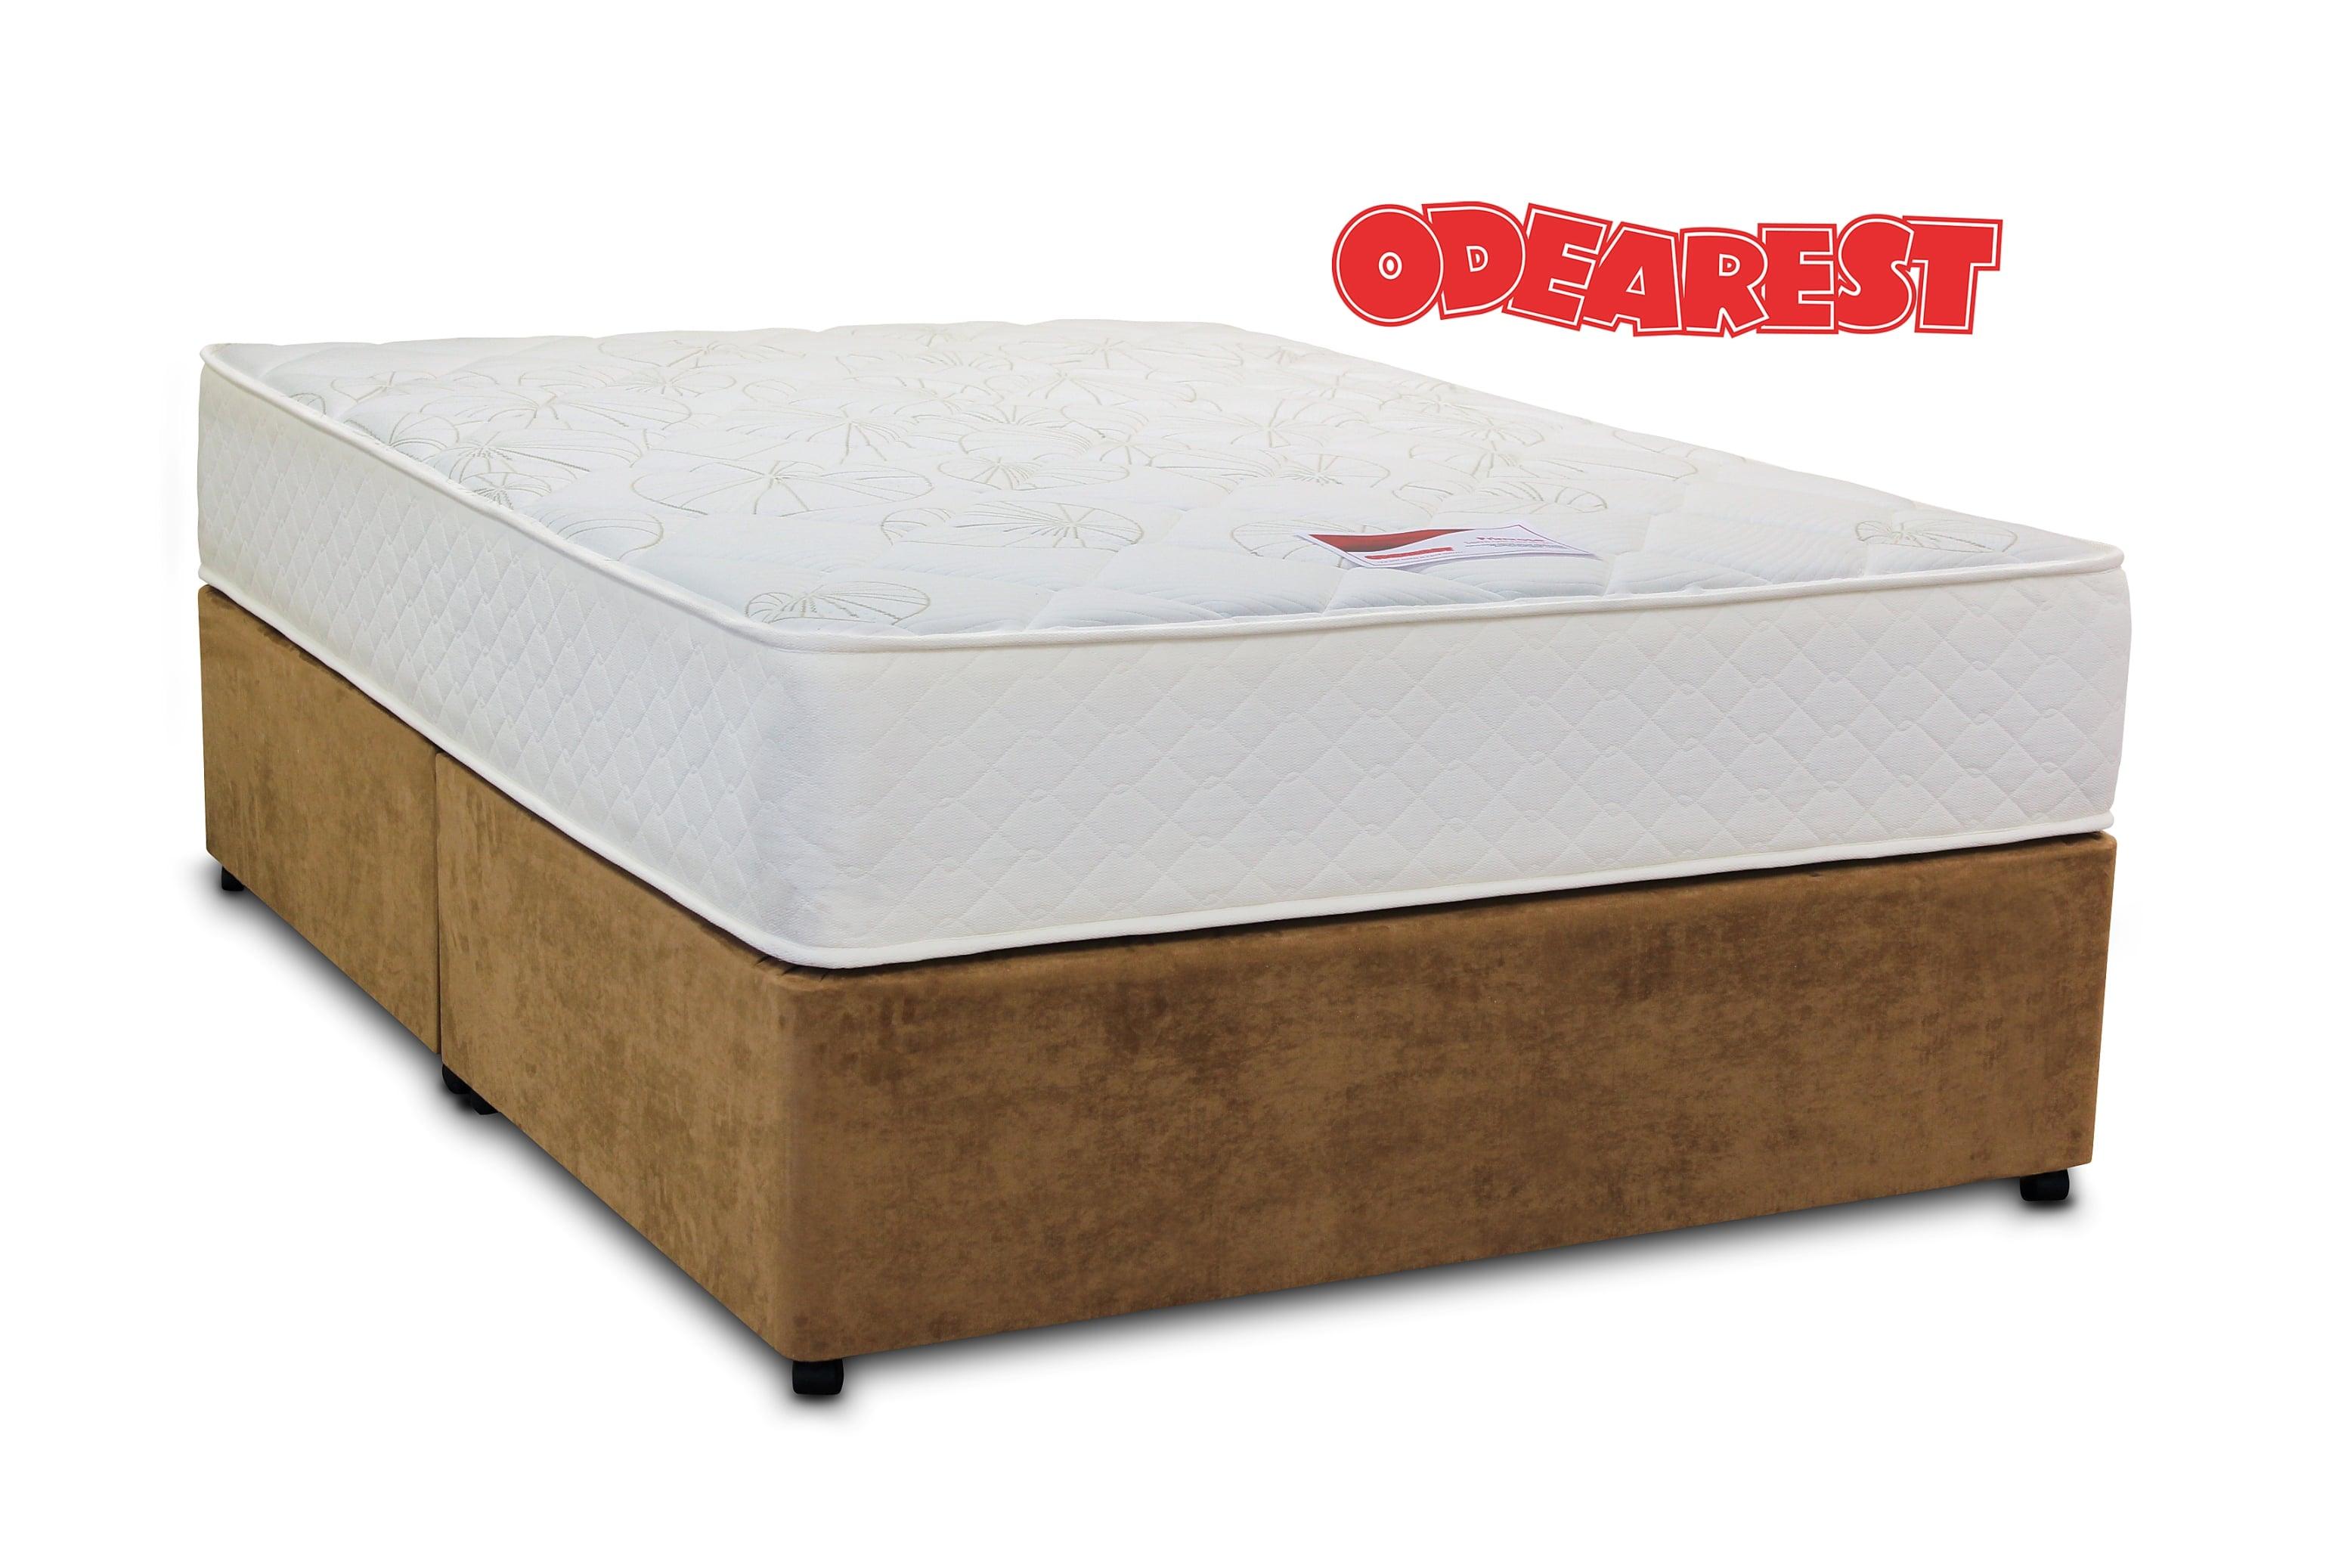 Odearest 5' Primrose Divan Bed